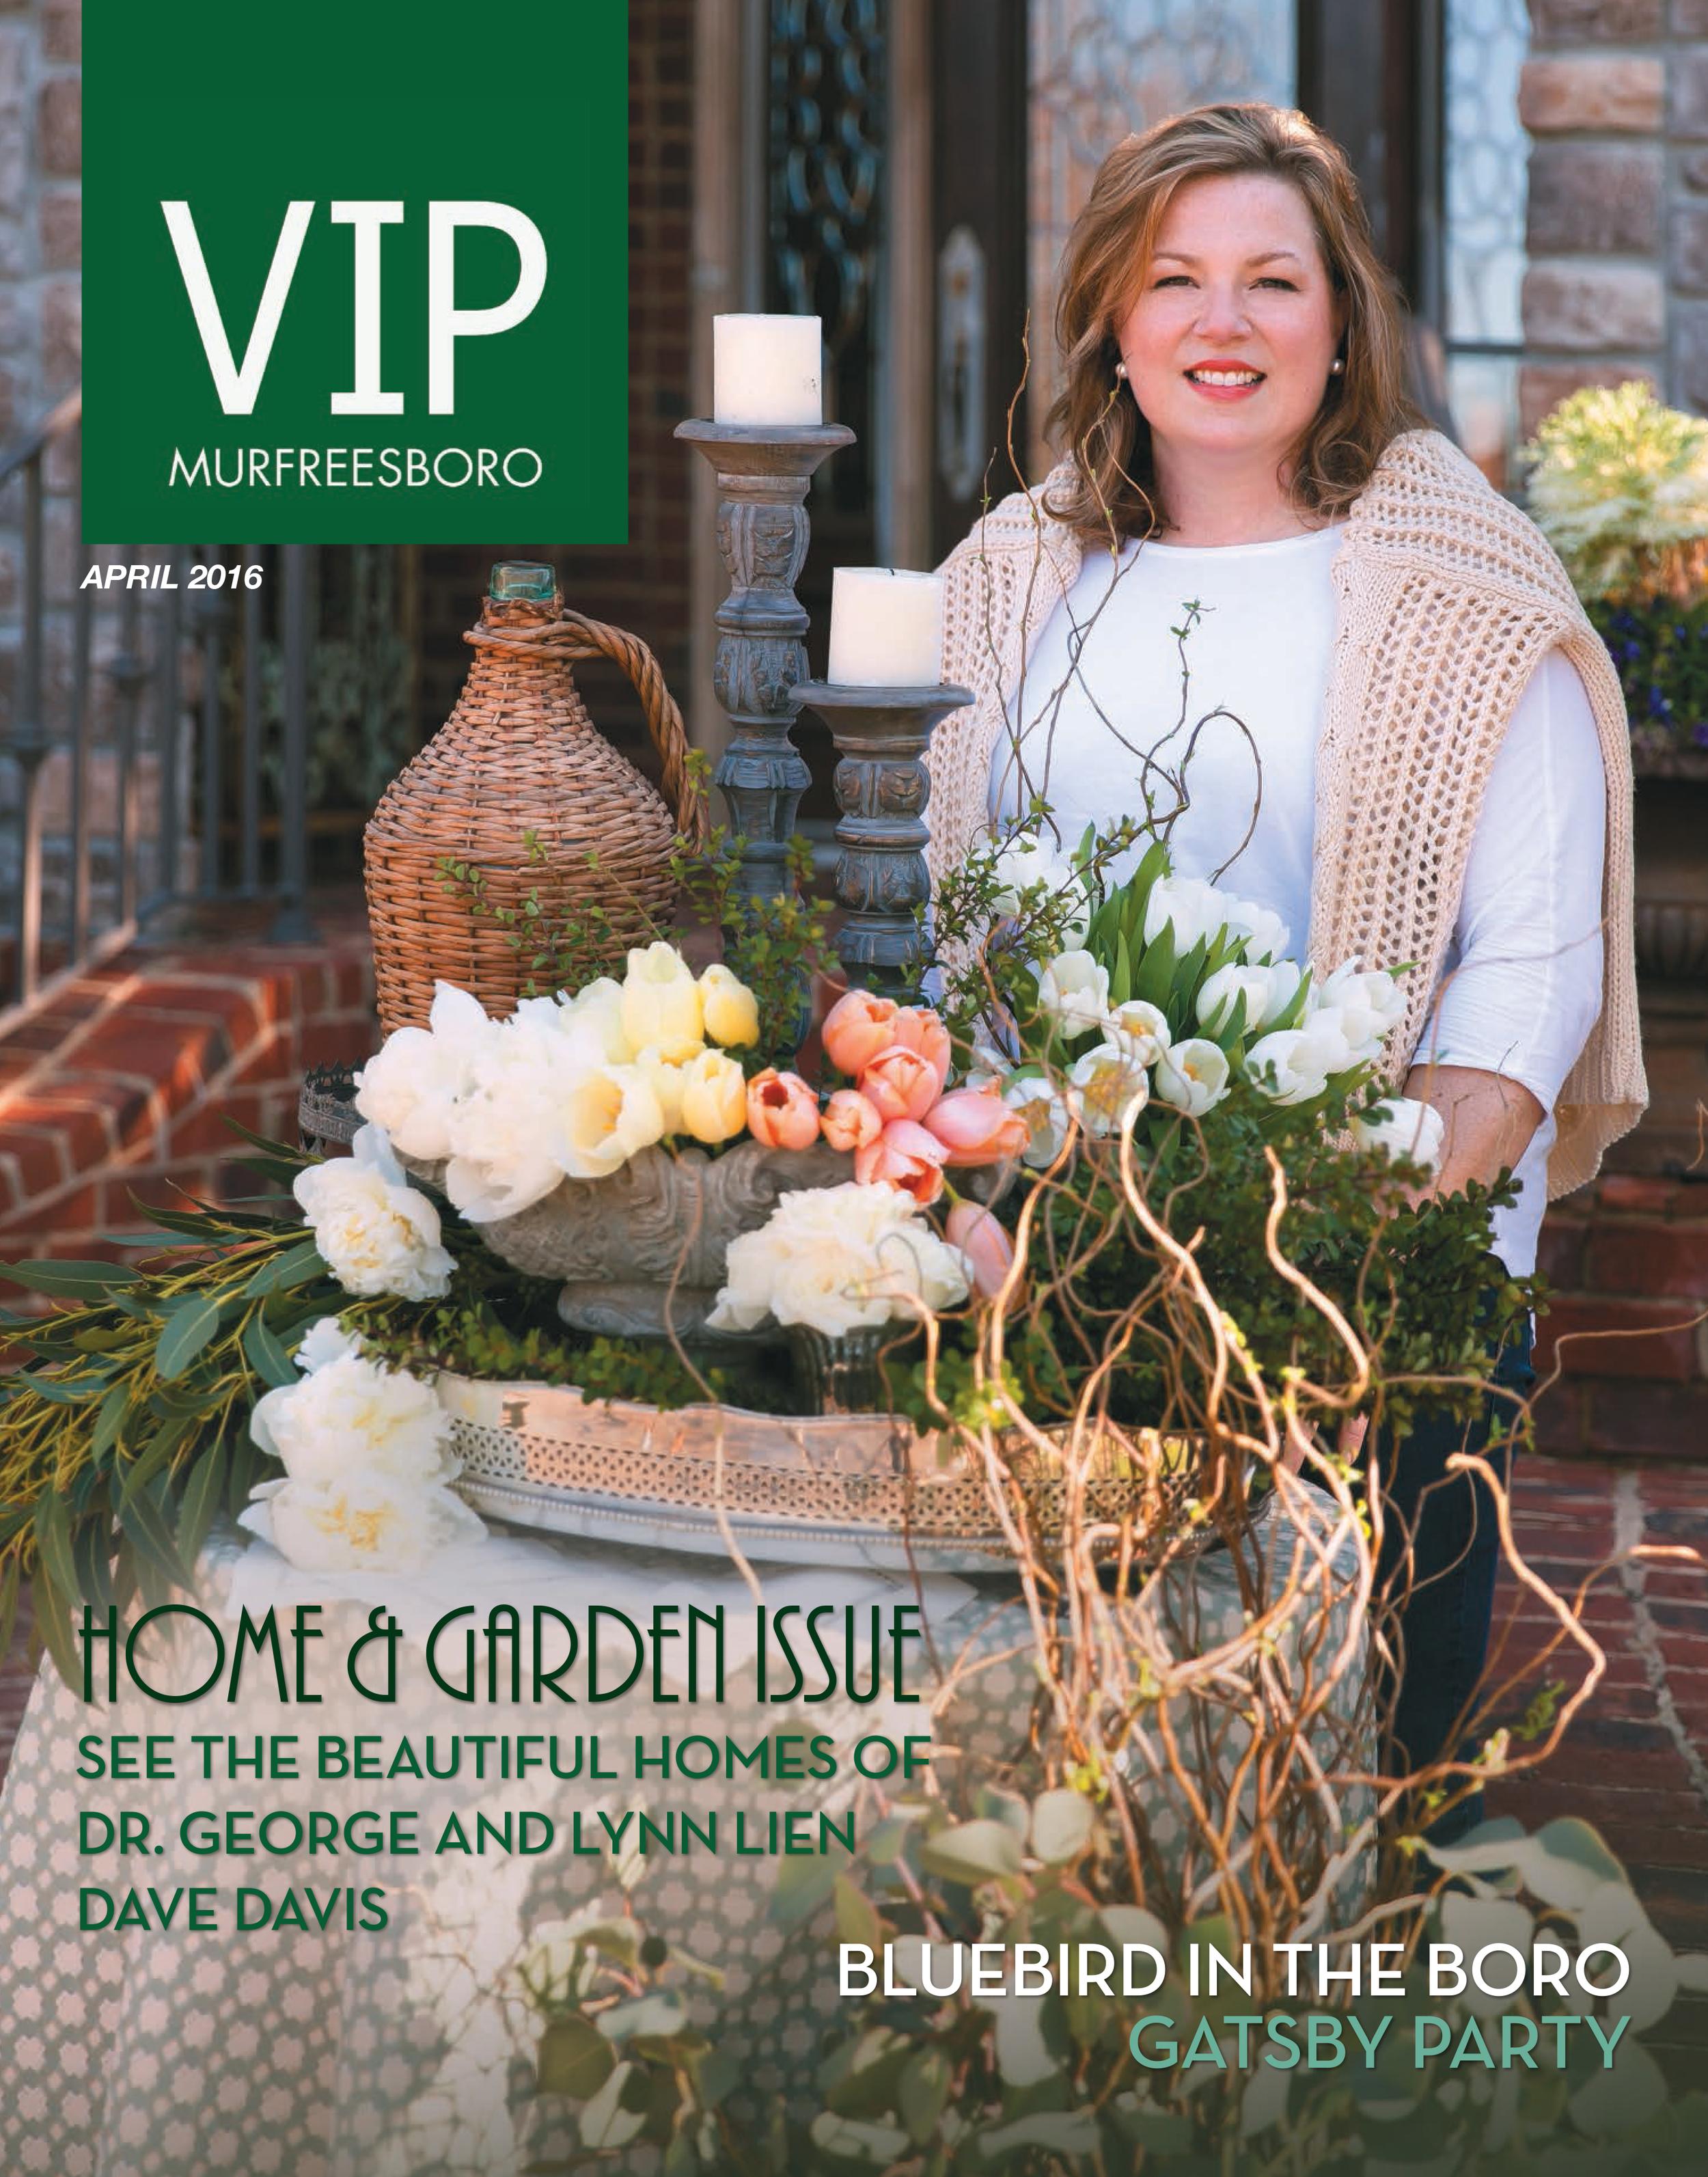 VIP Murfreesboro Magazine